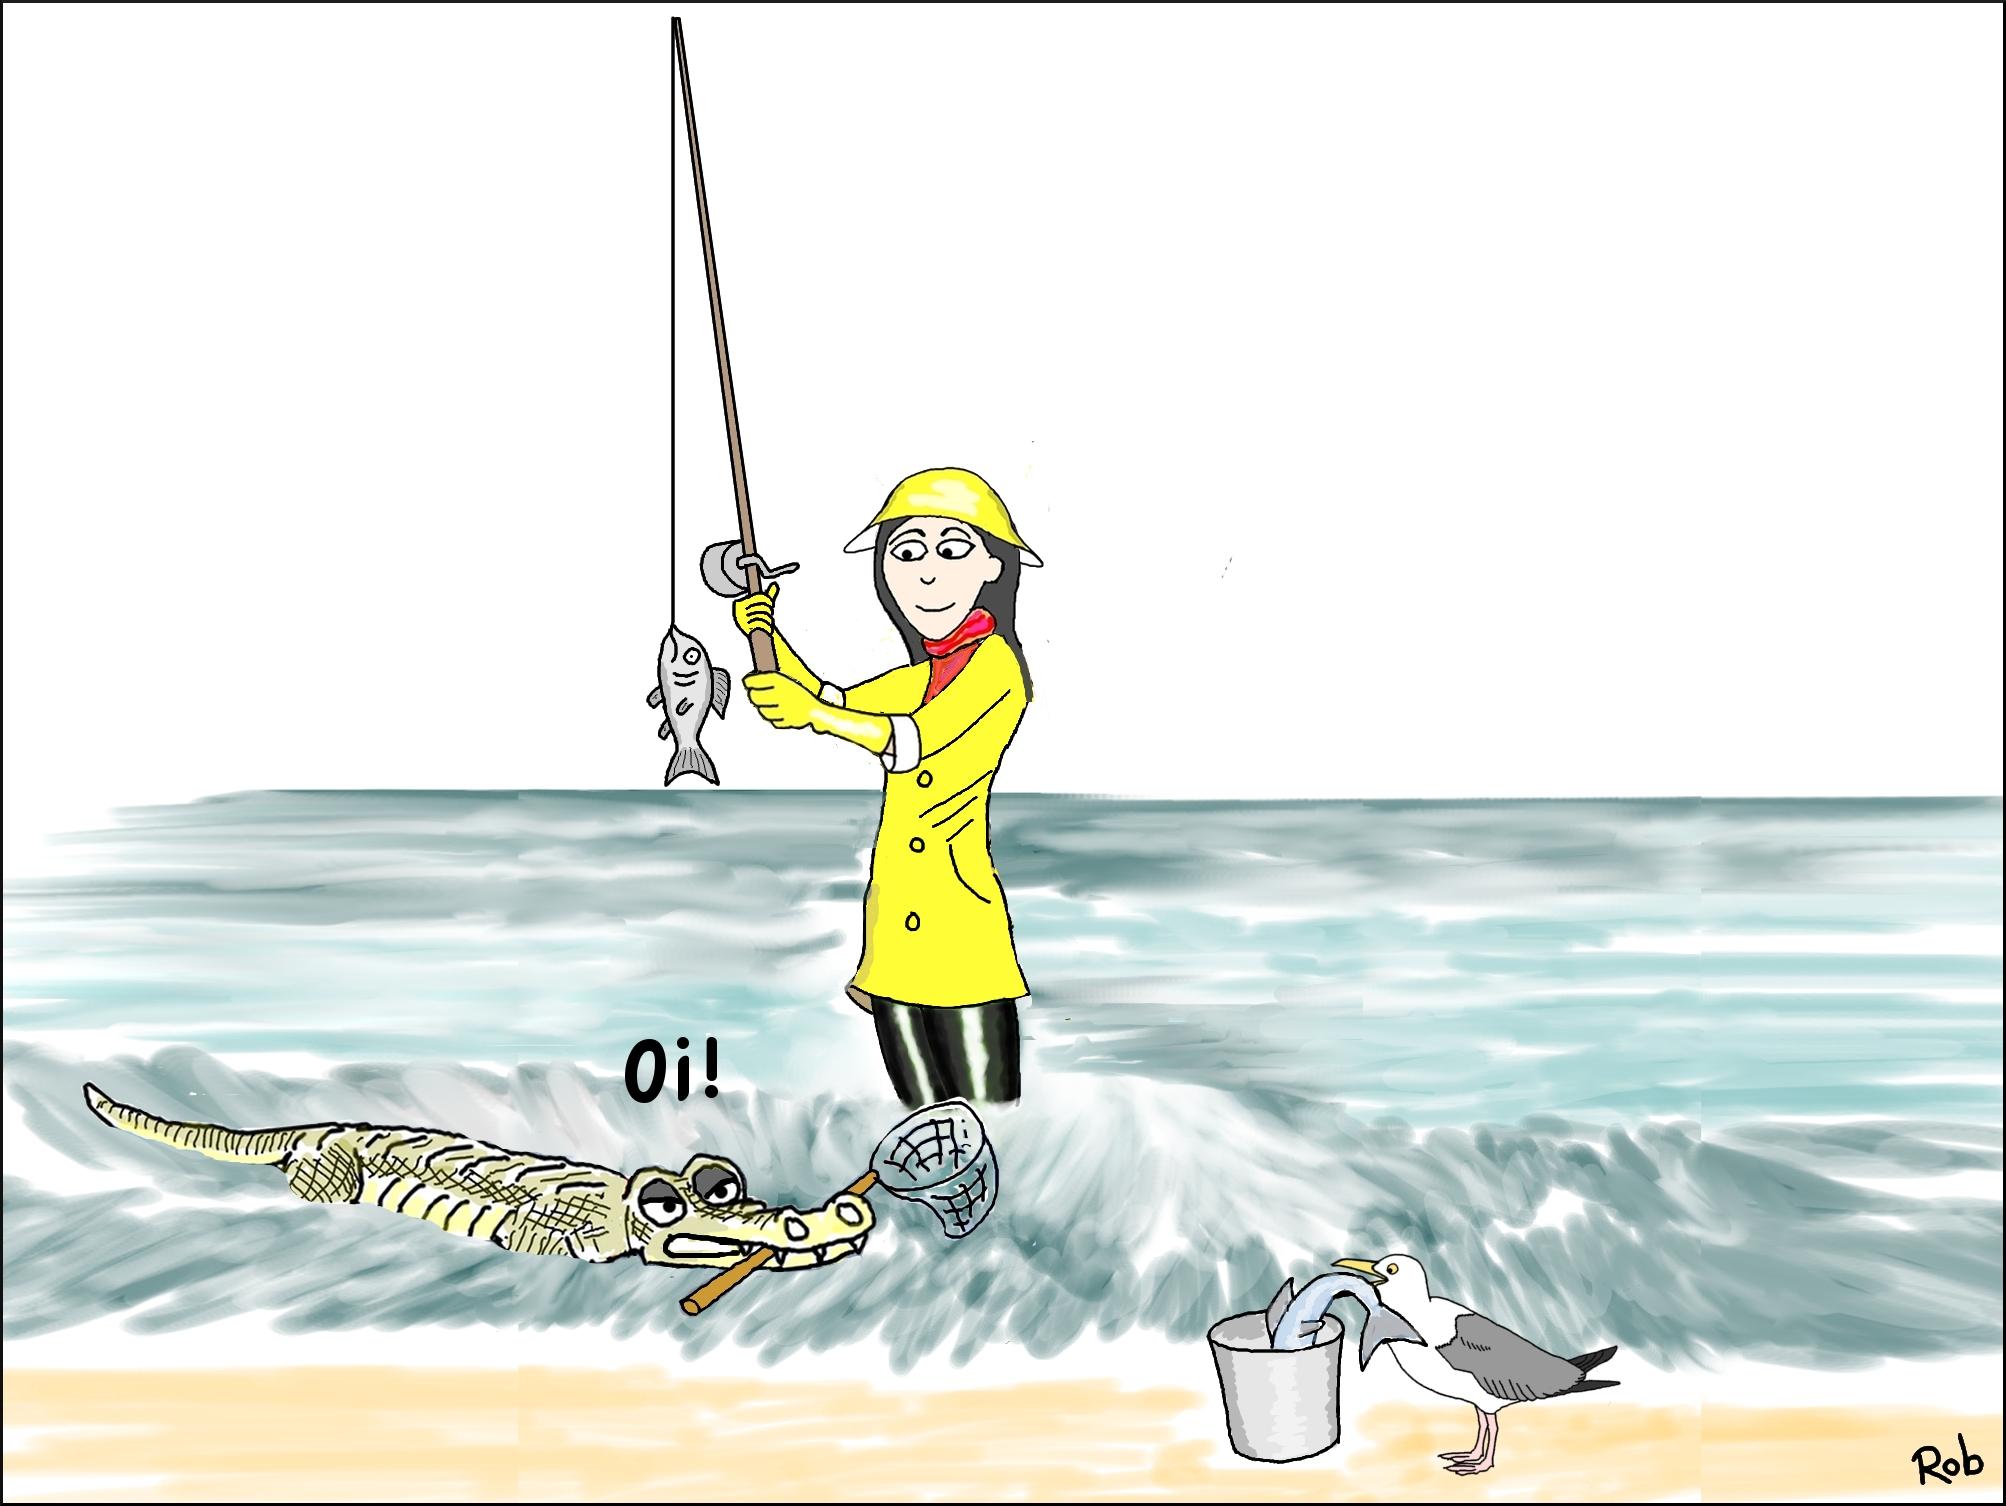 sea-fishing-cartoon